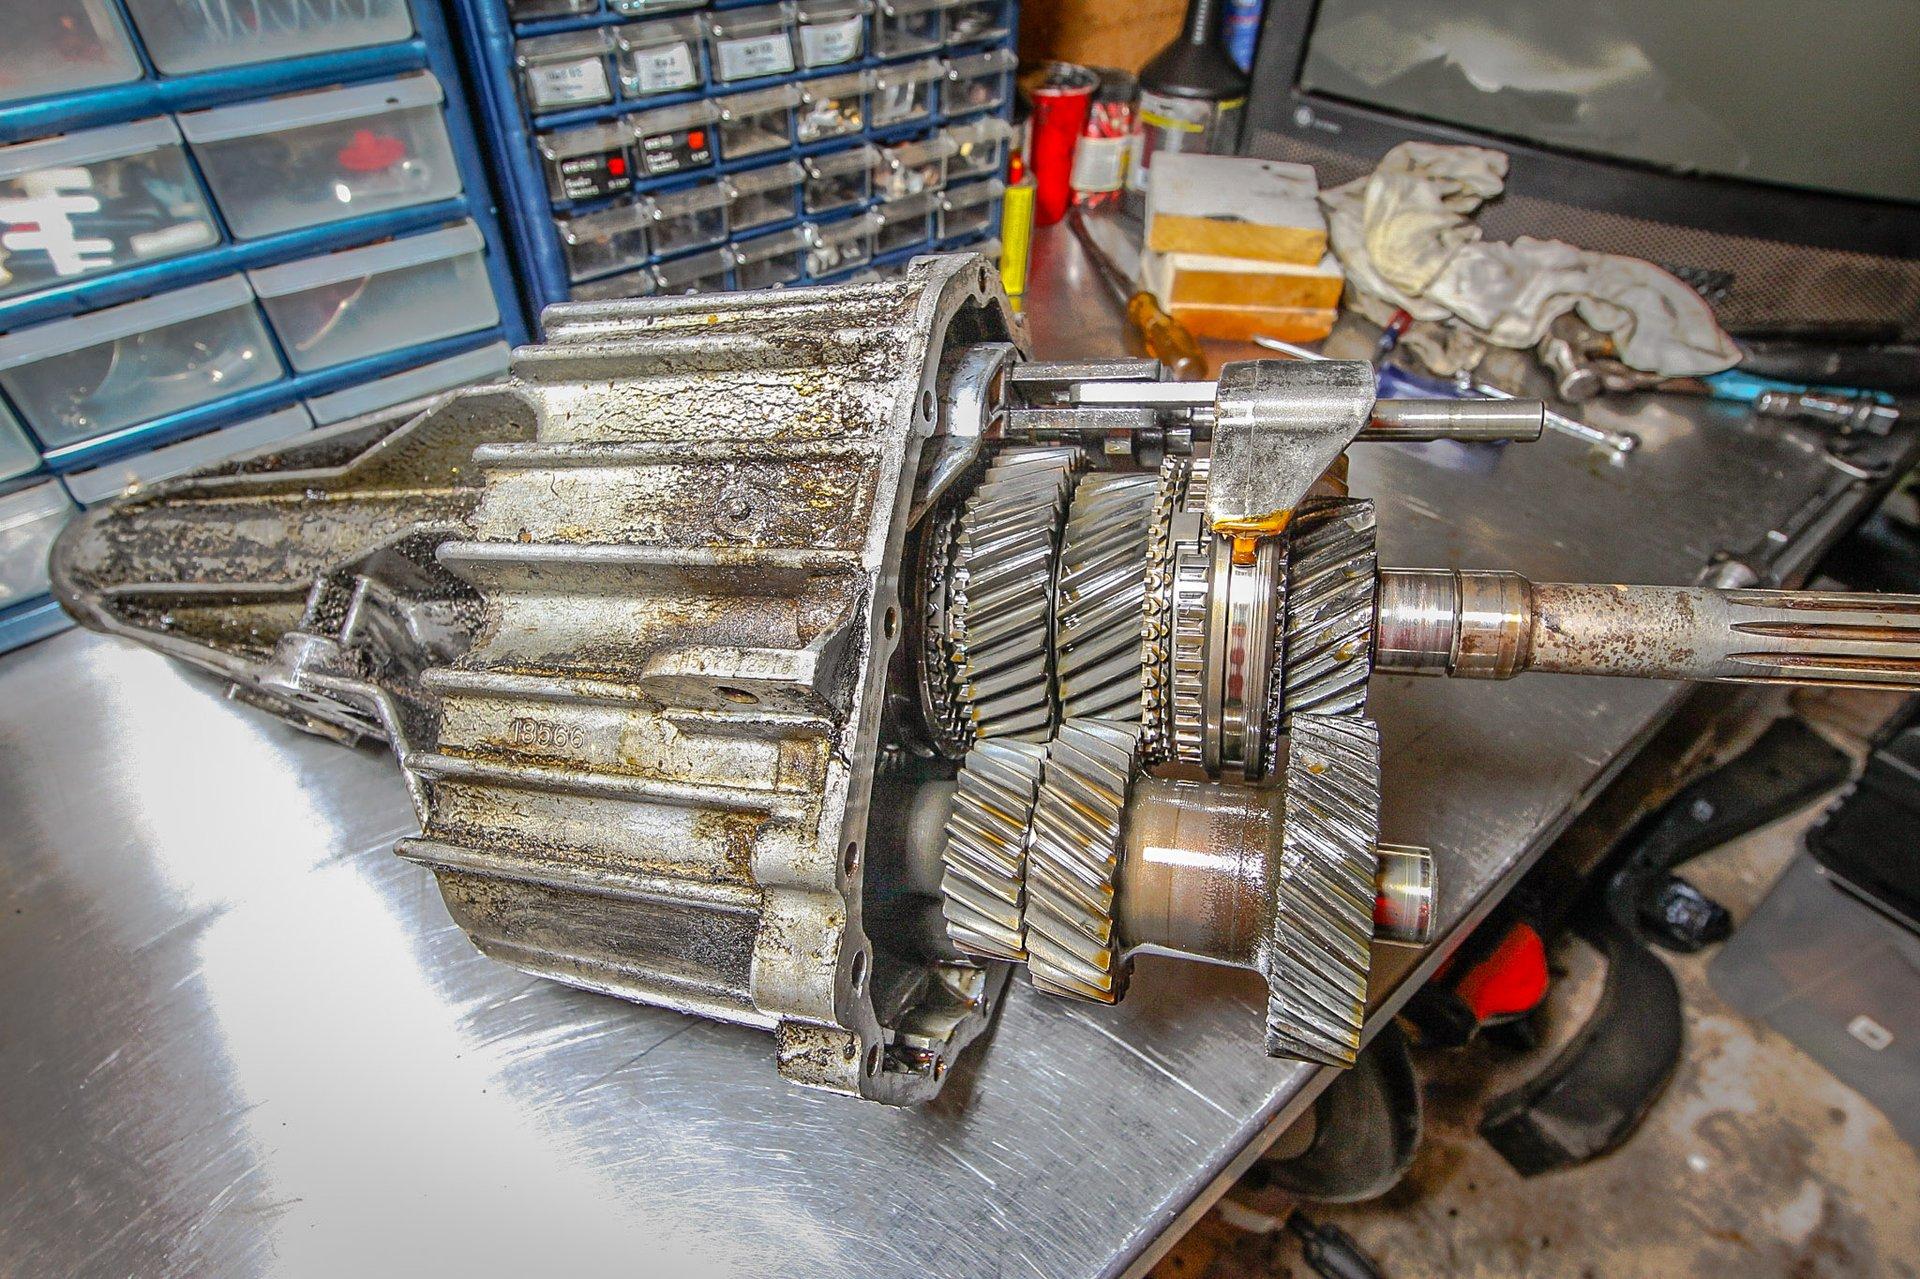 1995 NV3500 M50 Rebuild Thread (pics) | S-10 Forum